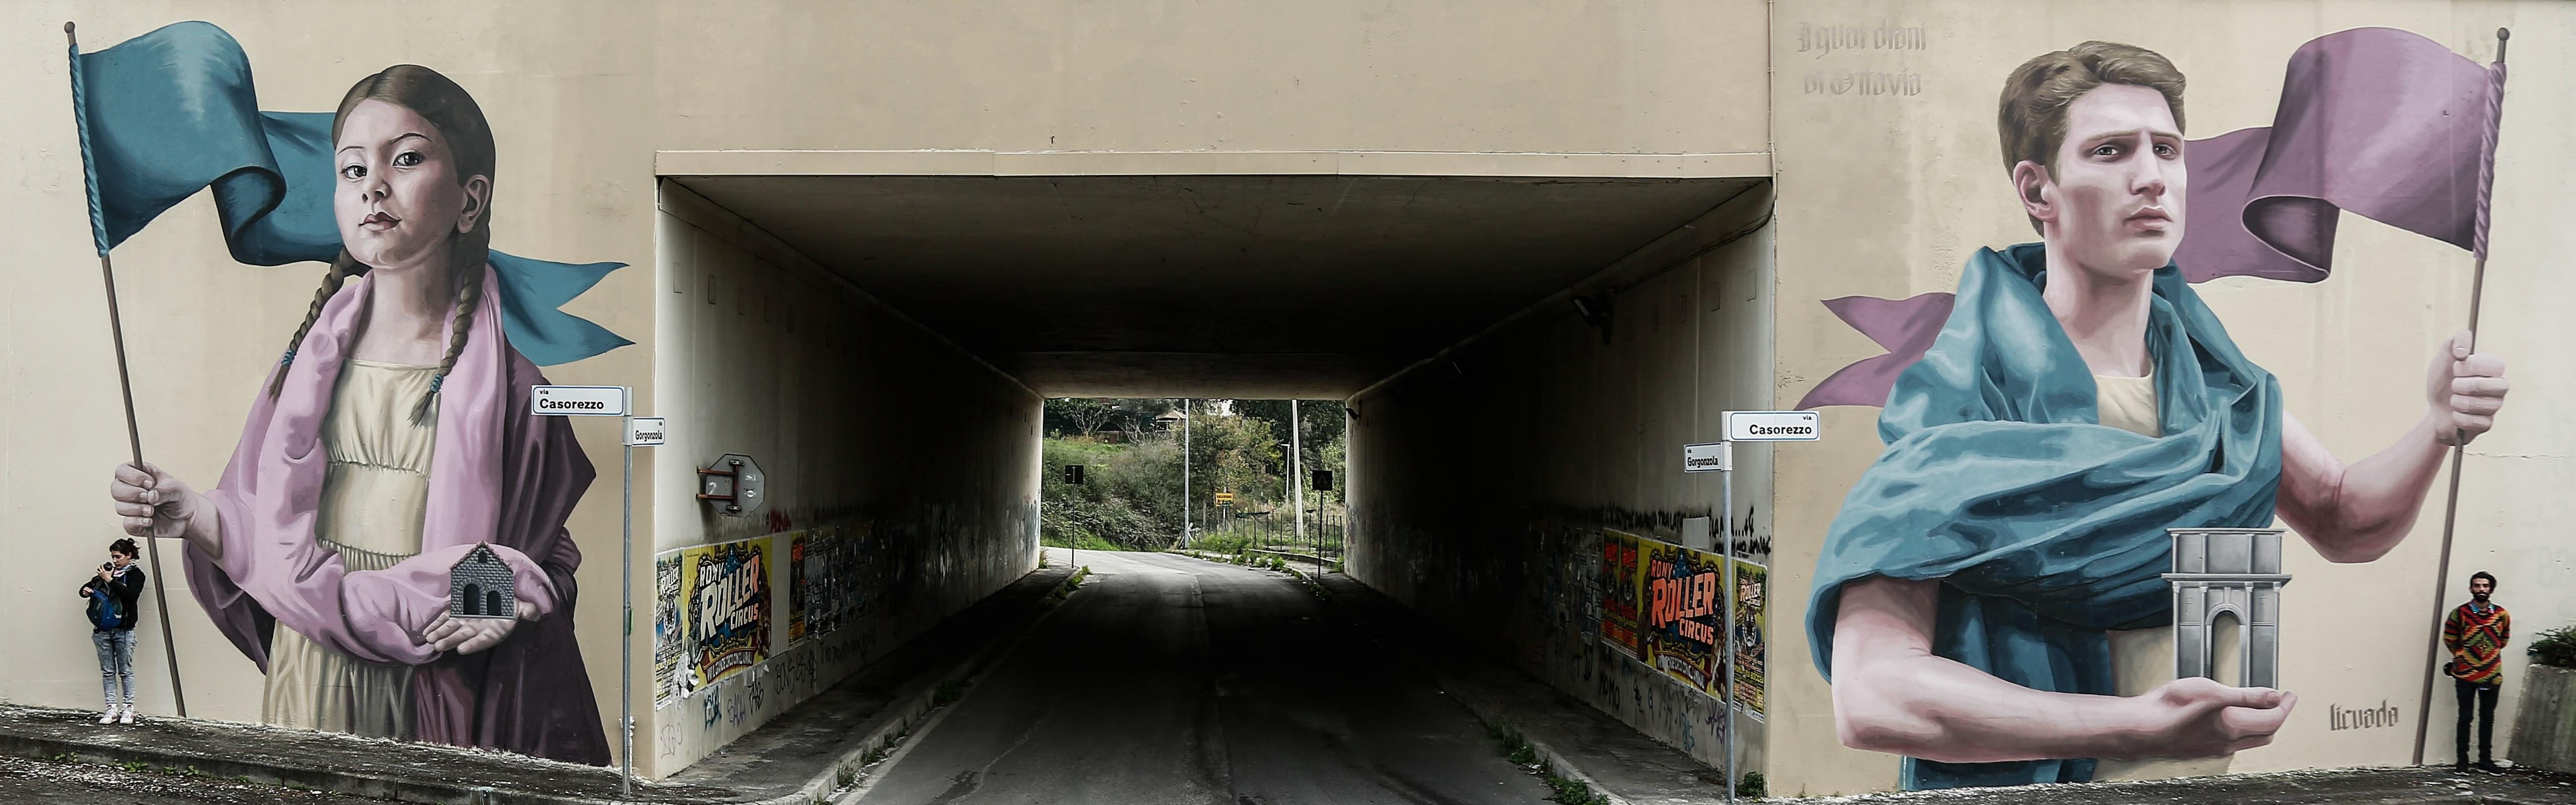 Immagine di una galleria con dei graffiti all'ingresso